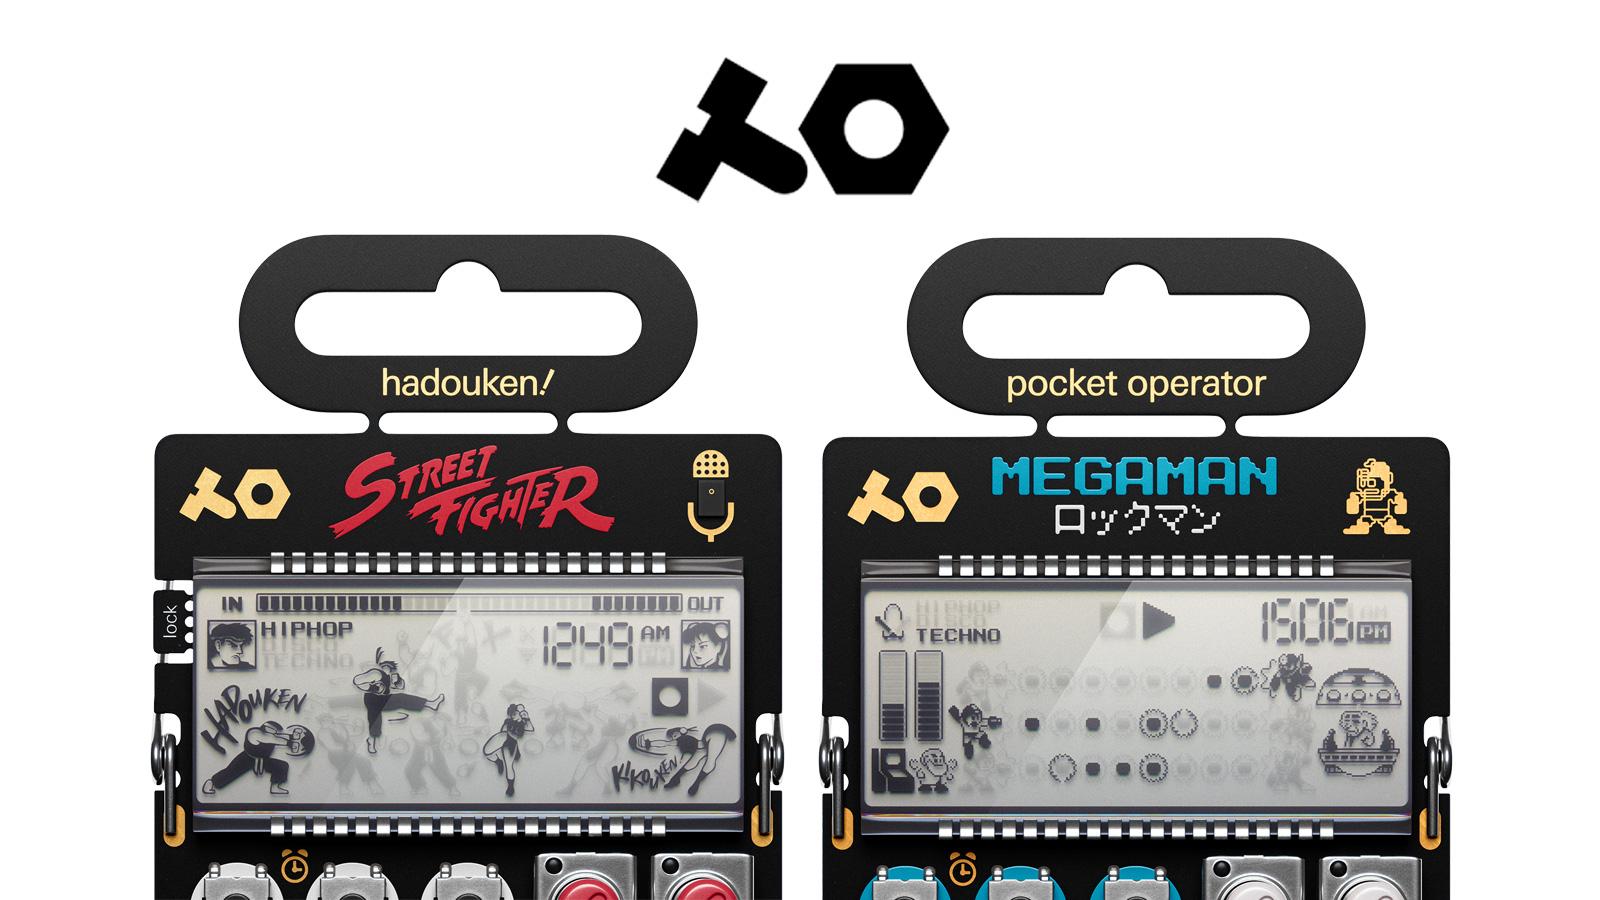 teenage engineering POシリーズにCAPCOM「ストリートファイターII」「ロックマン(Mega Man)」とのコラボレーション・モデルが新登場